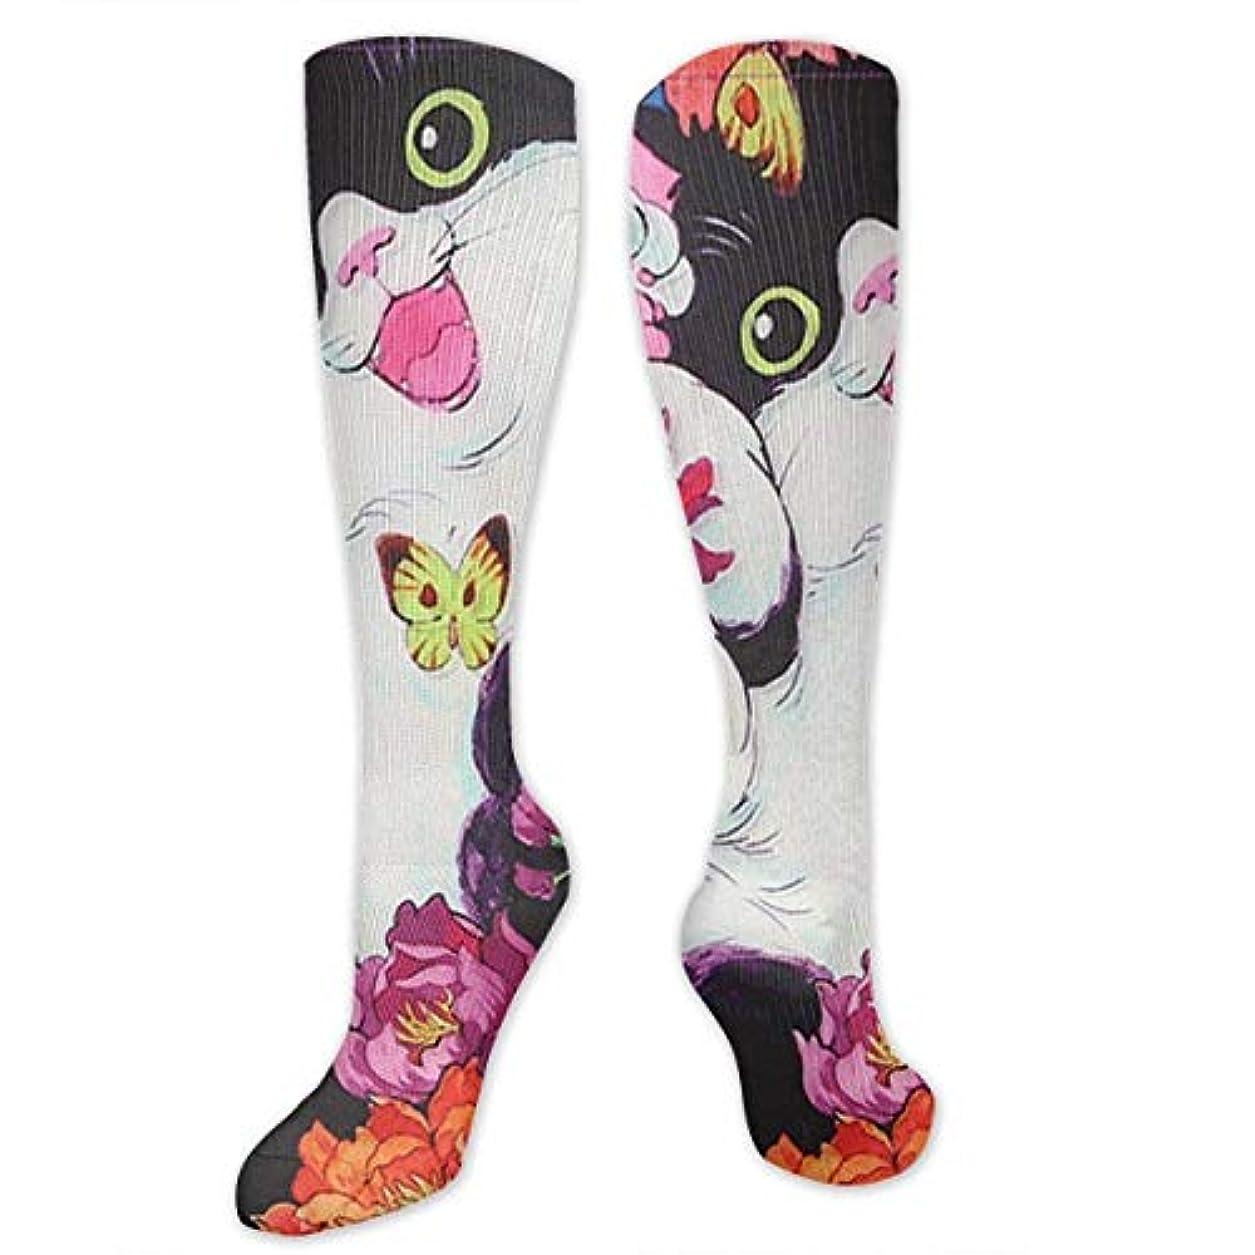 小屋温度入口靴下,ストッキング,野生のジョーカー,実際,秋の本質,冬必須,サマーウェア&RBXAA Oriental Cat Unique Design Socks Women's Winter Cotton Long Tube Socks...